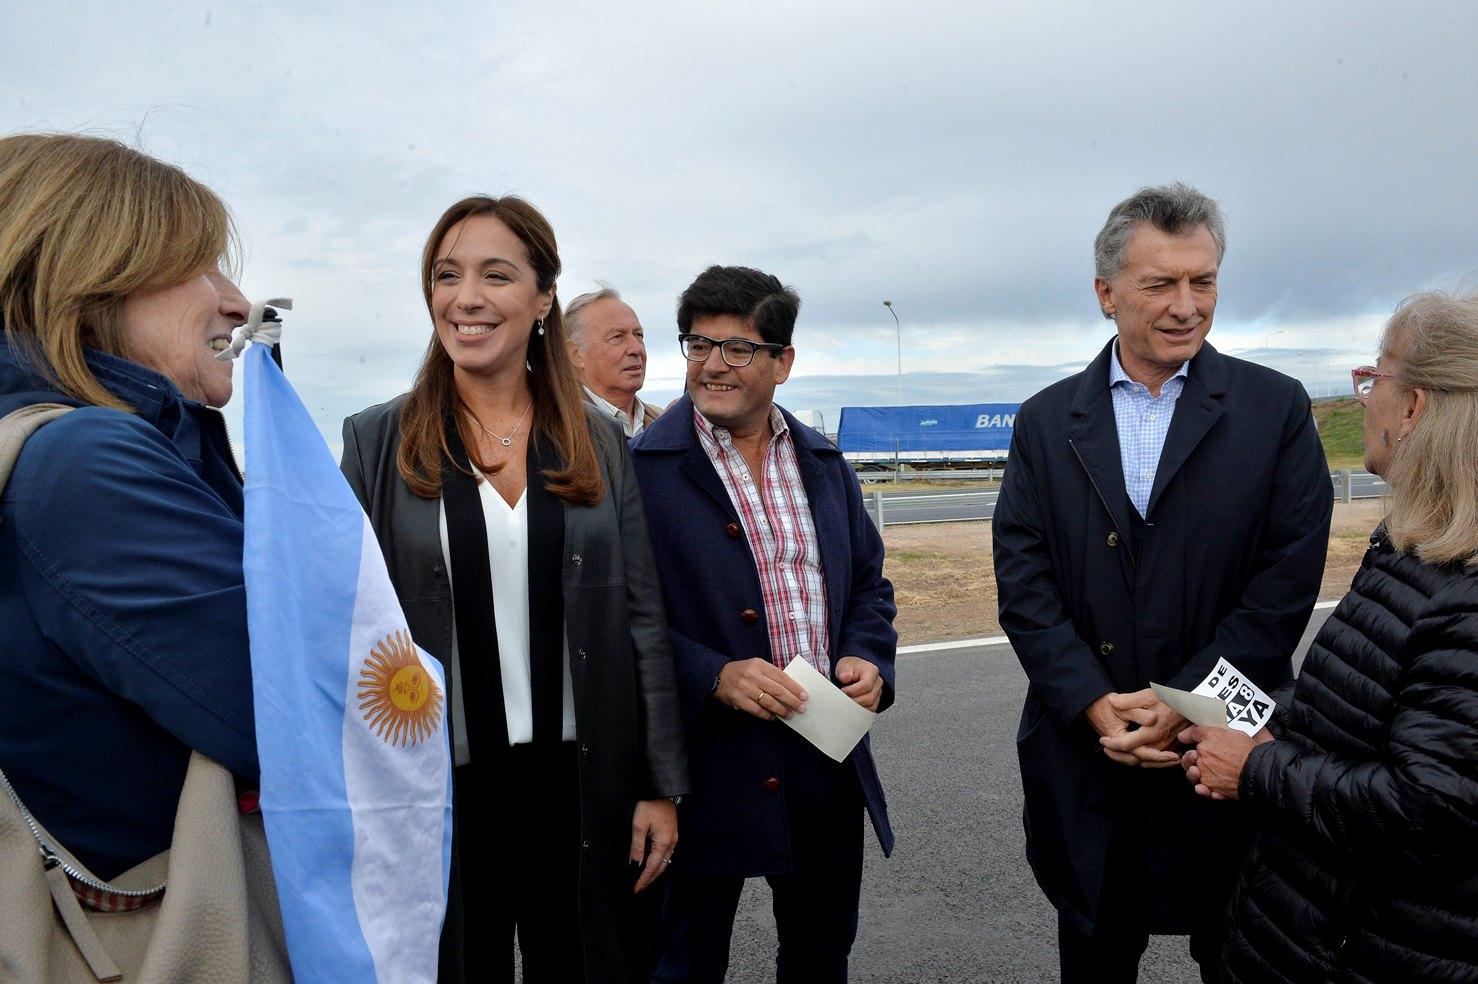 La gobernadora de la provincia de Buenos Aires, María Eugenia Vidal, y el presidente Mauricio Macri recorrieron este martes por la mañana un nuevo tramo de la autopista Pilar-Pergamino, a la altura del partido bonaerense de San Andrés de Giles.